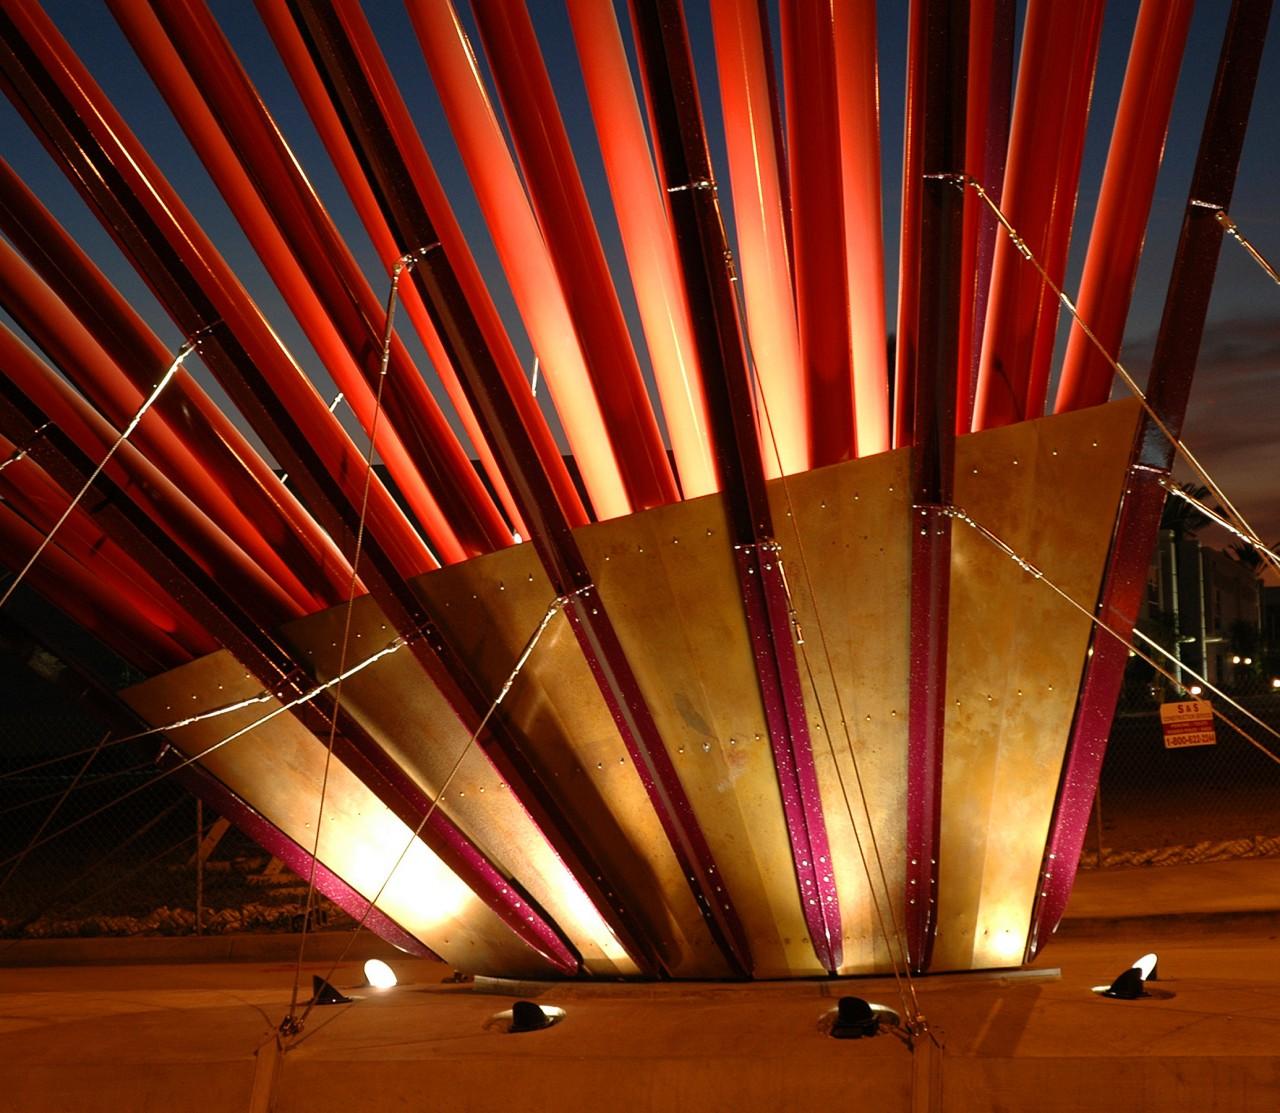 Springstar, Santa Fe Springs, California / image 6